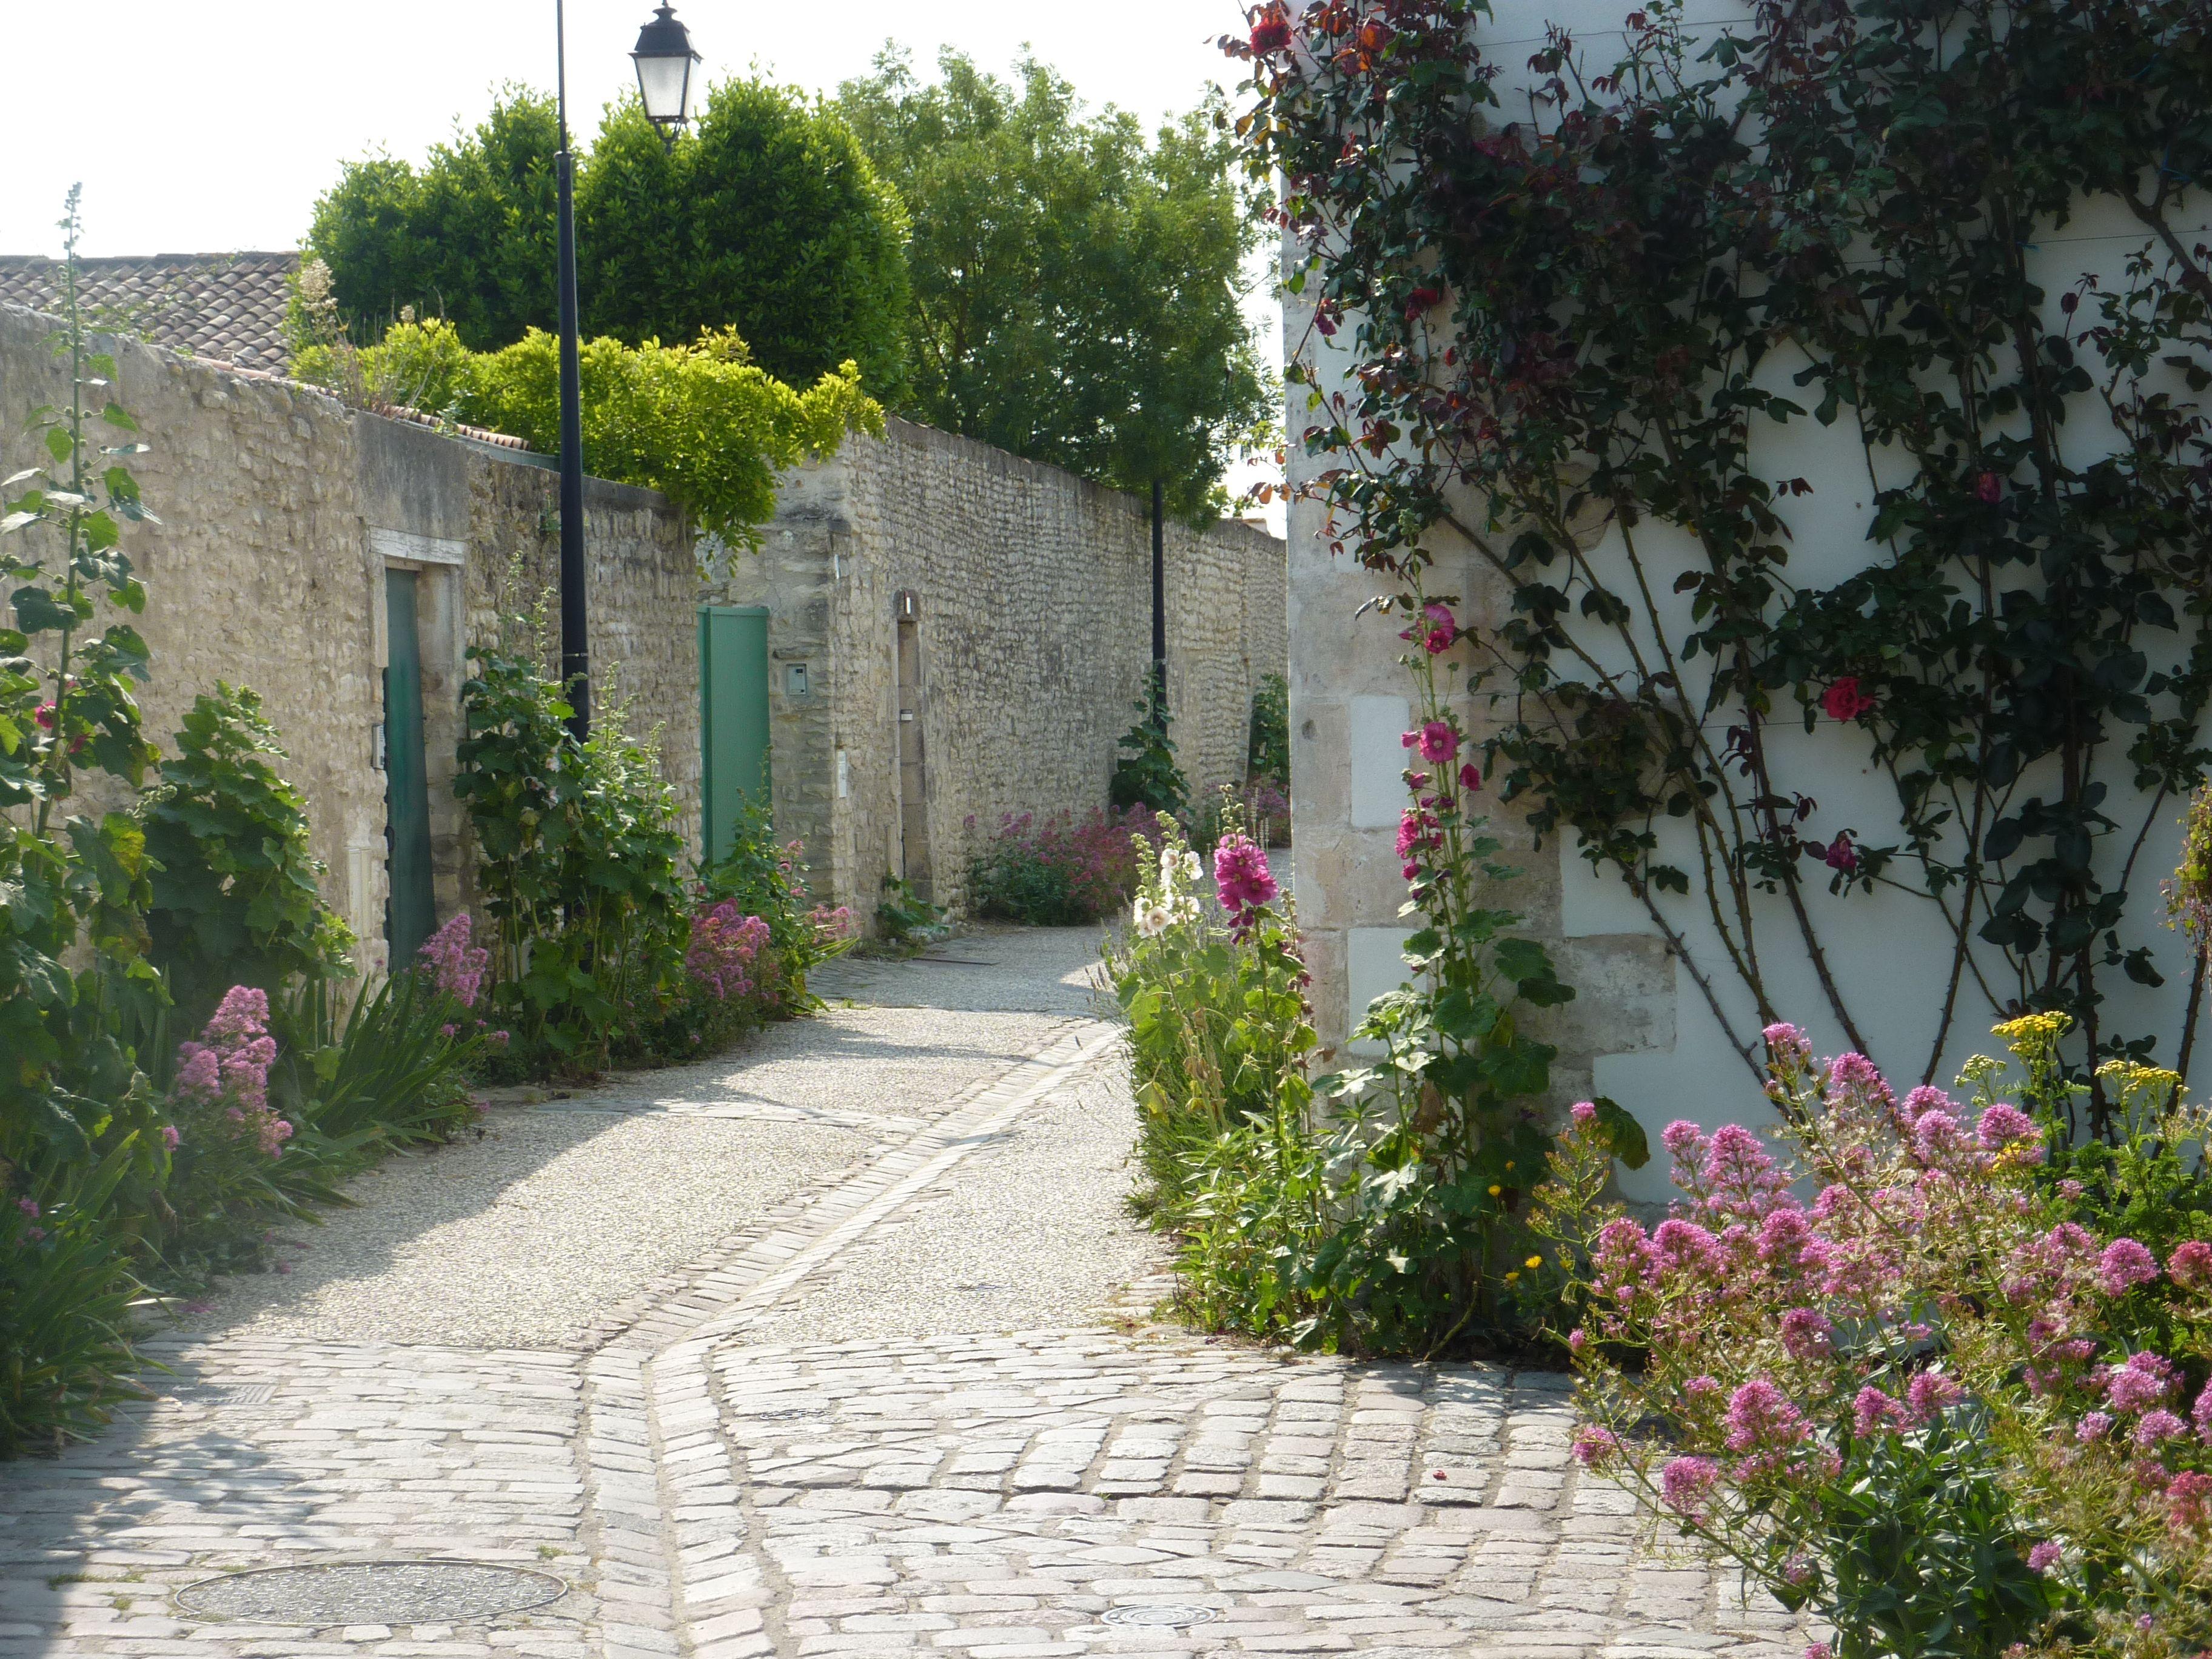 St-Martin-de-Ré on Ile de Ré